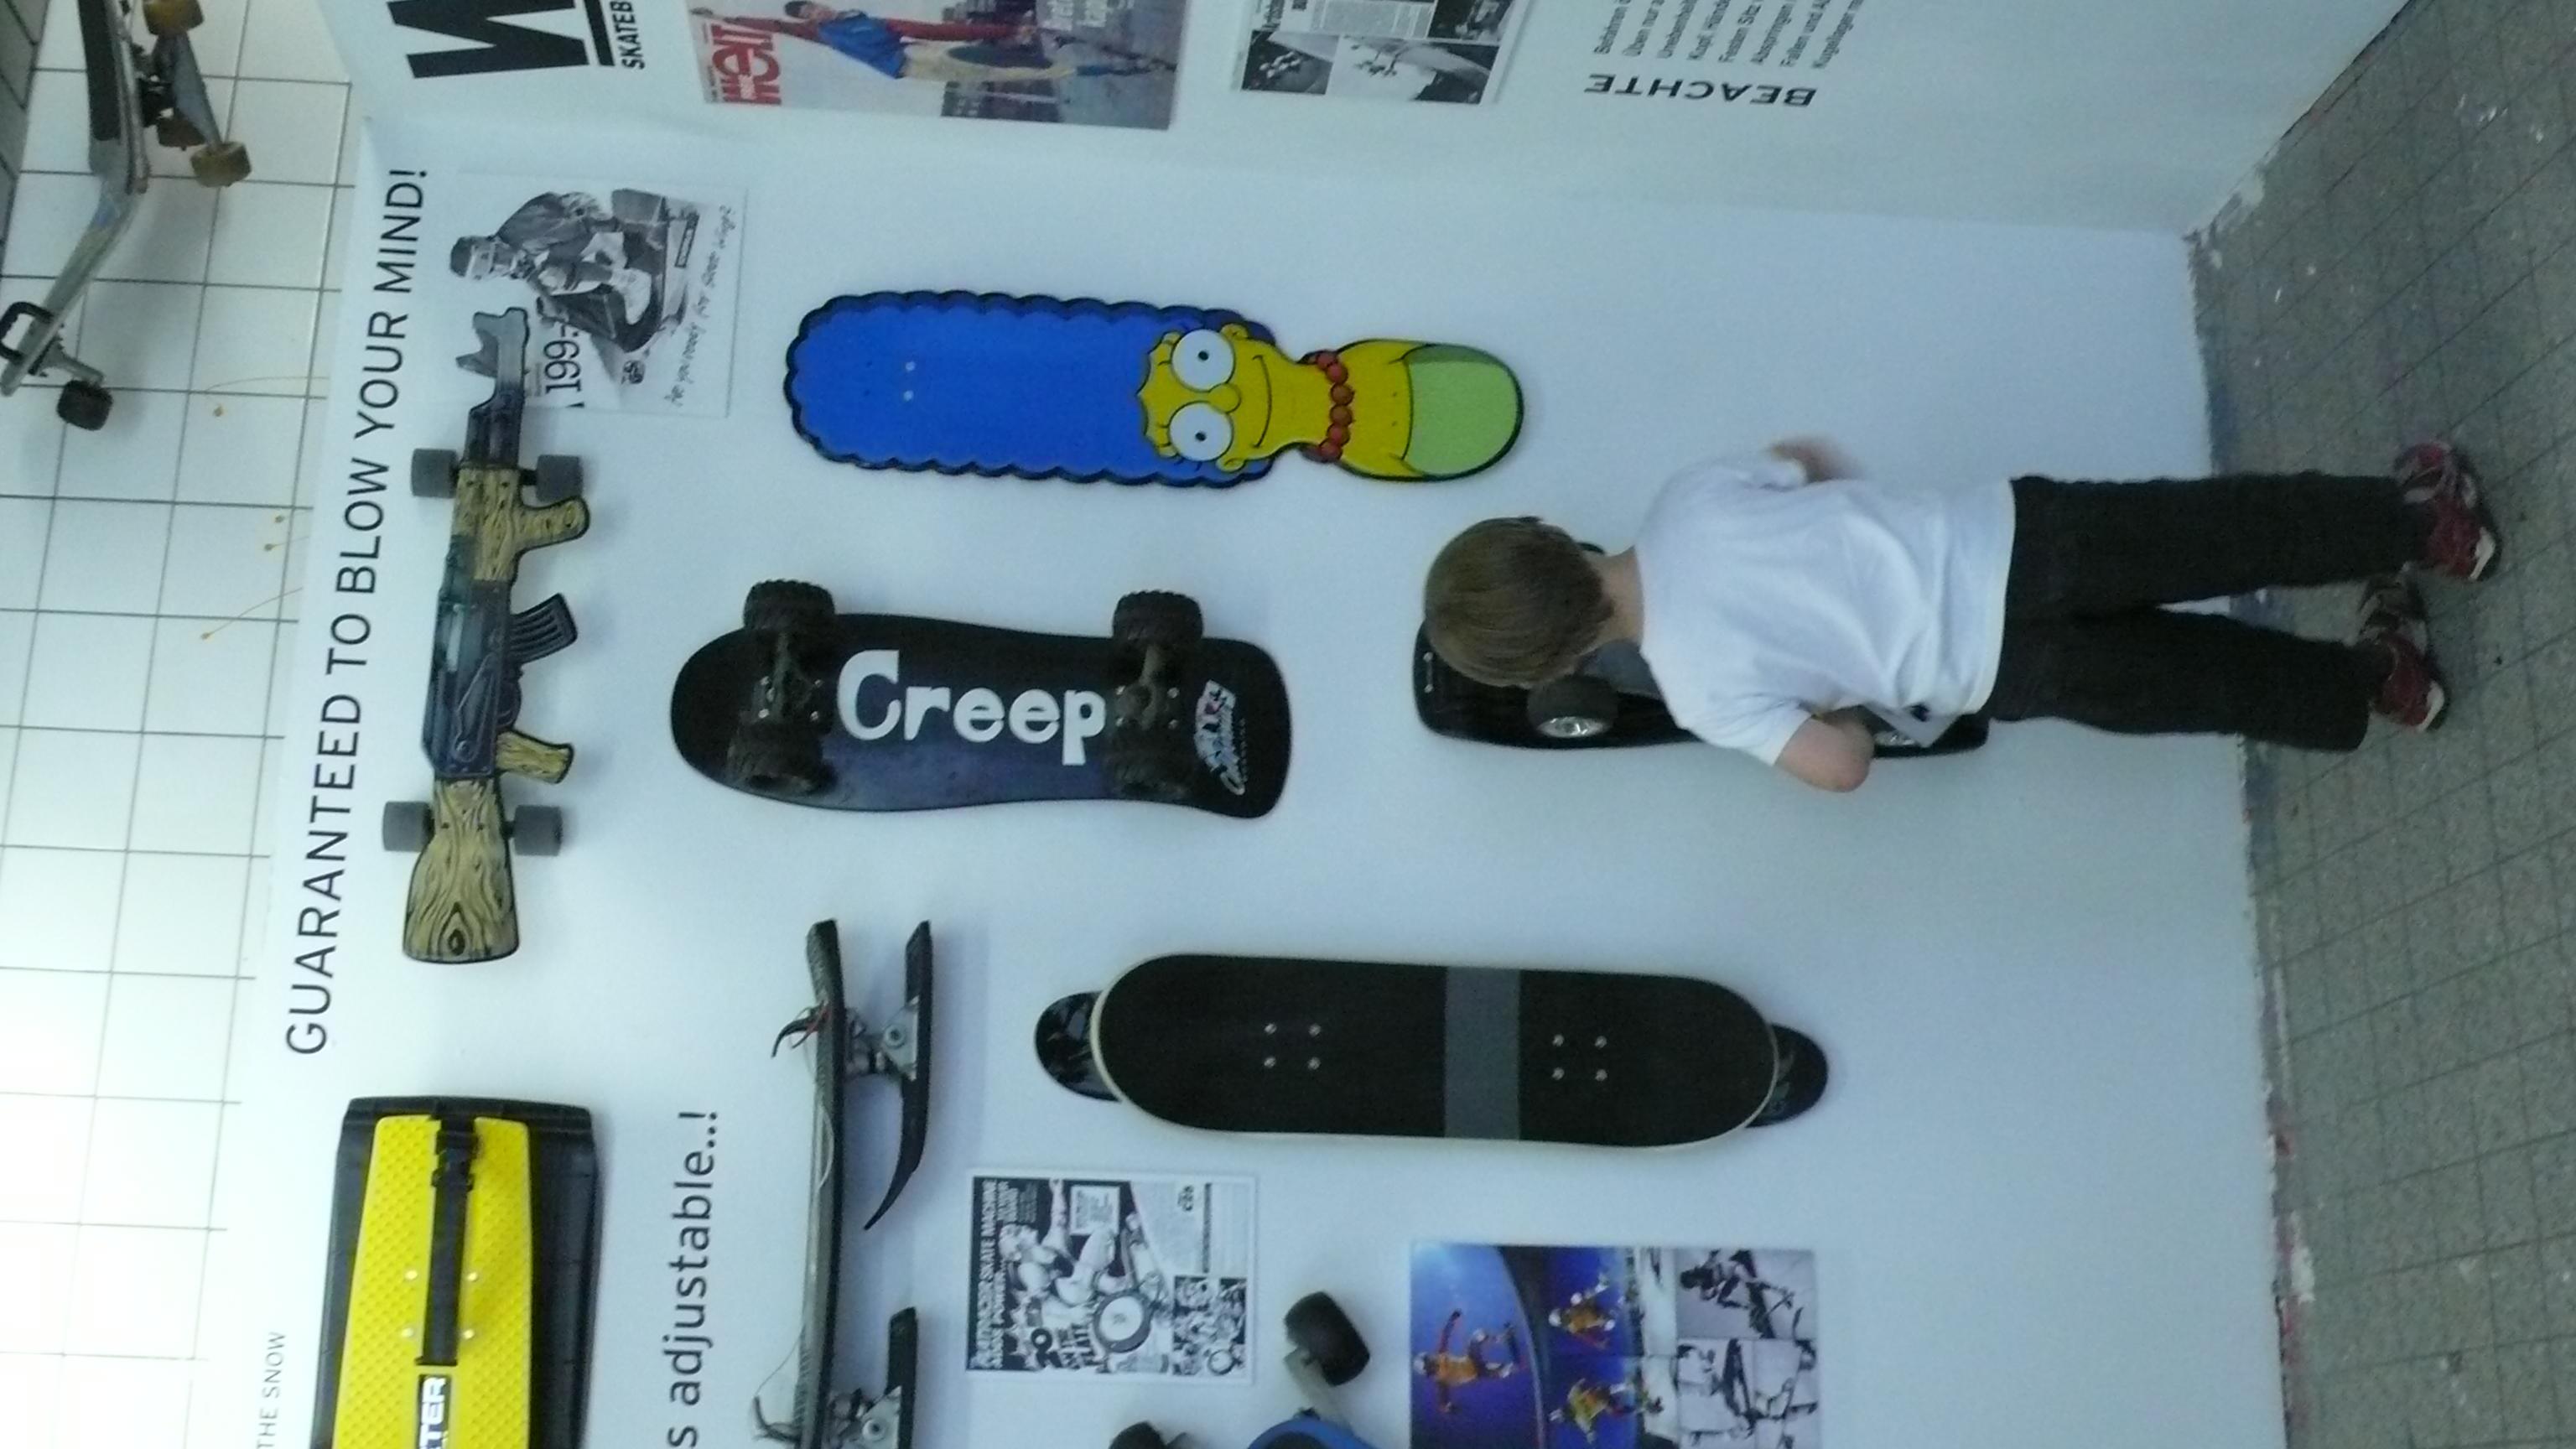 Und mehr abstrakte Boards